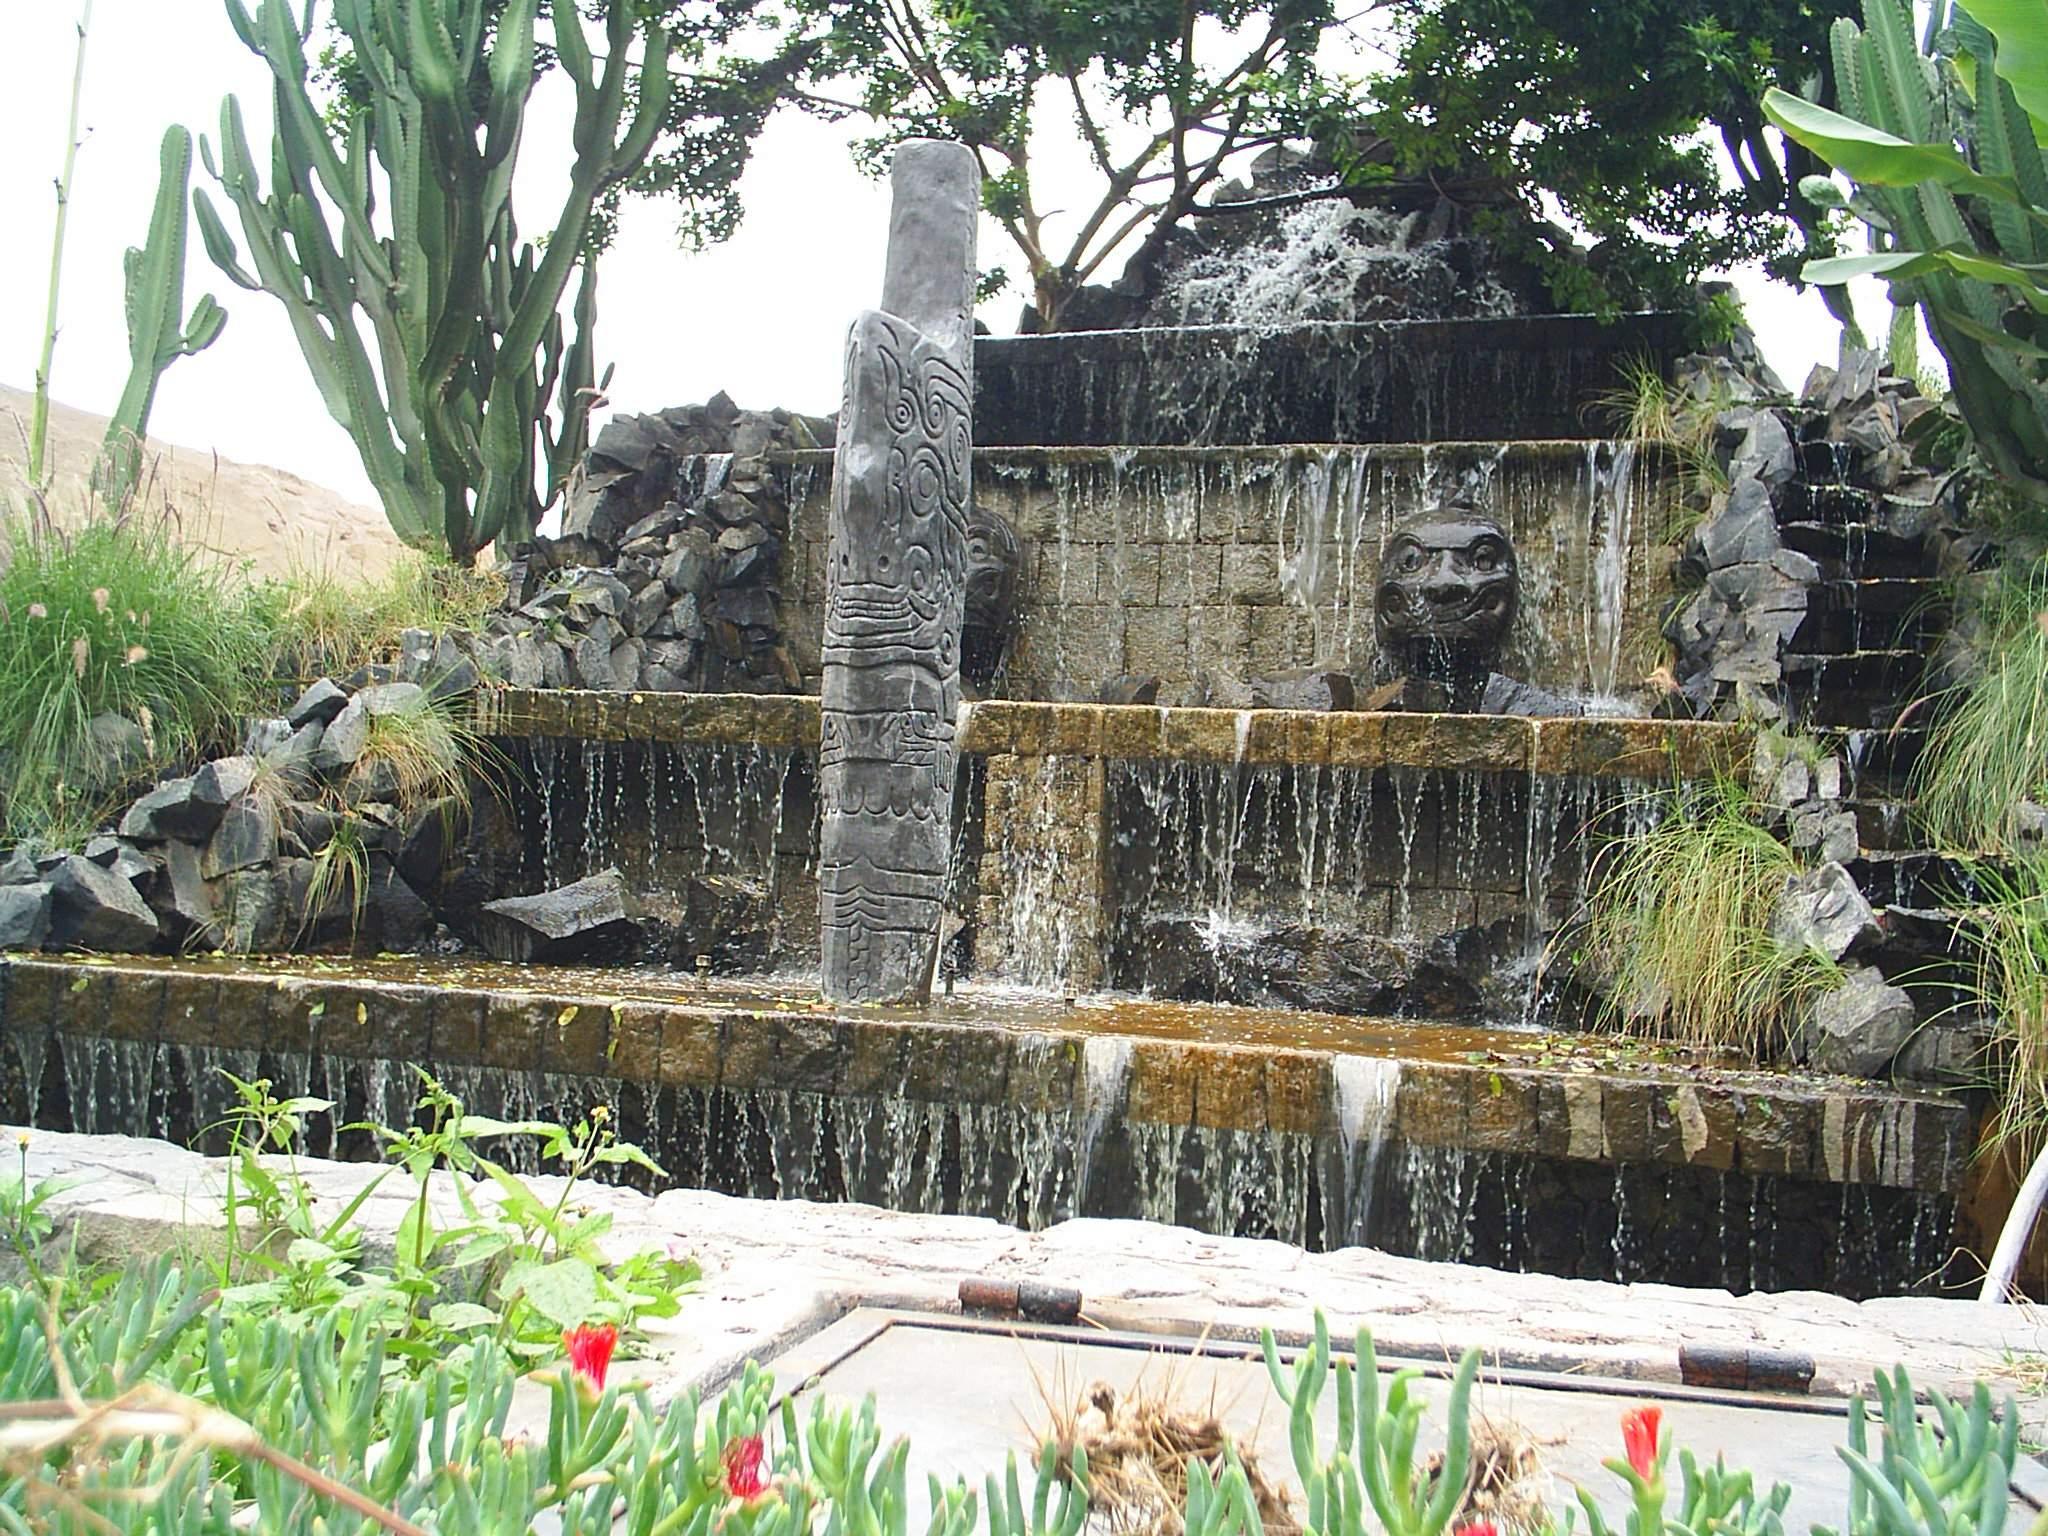 Parque_de_las_leyendas